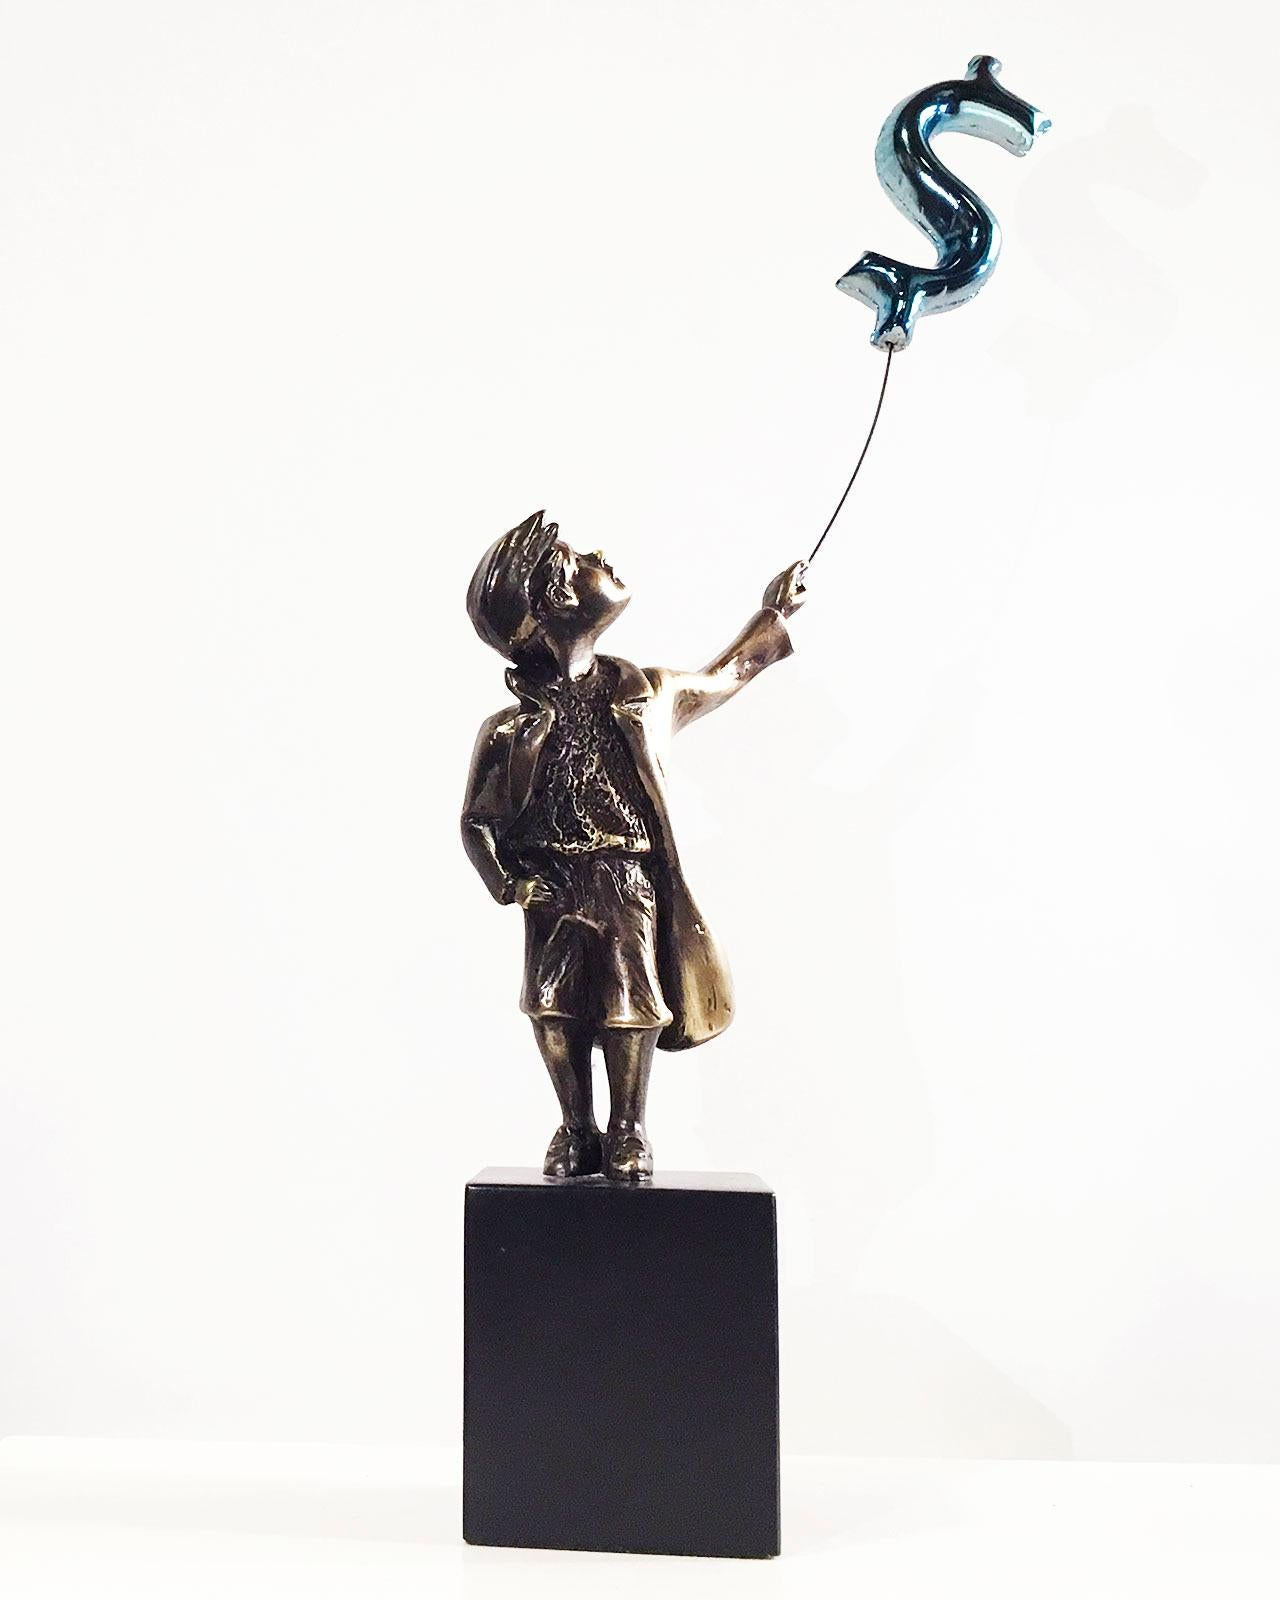 Child with balloon dollar - Miguel Guía Street Art Cast bronze Sculpture